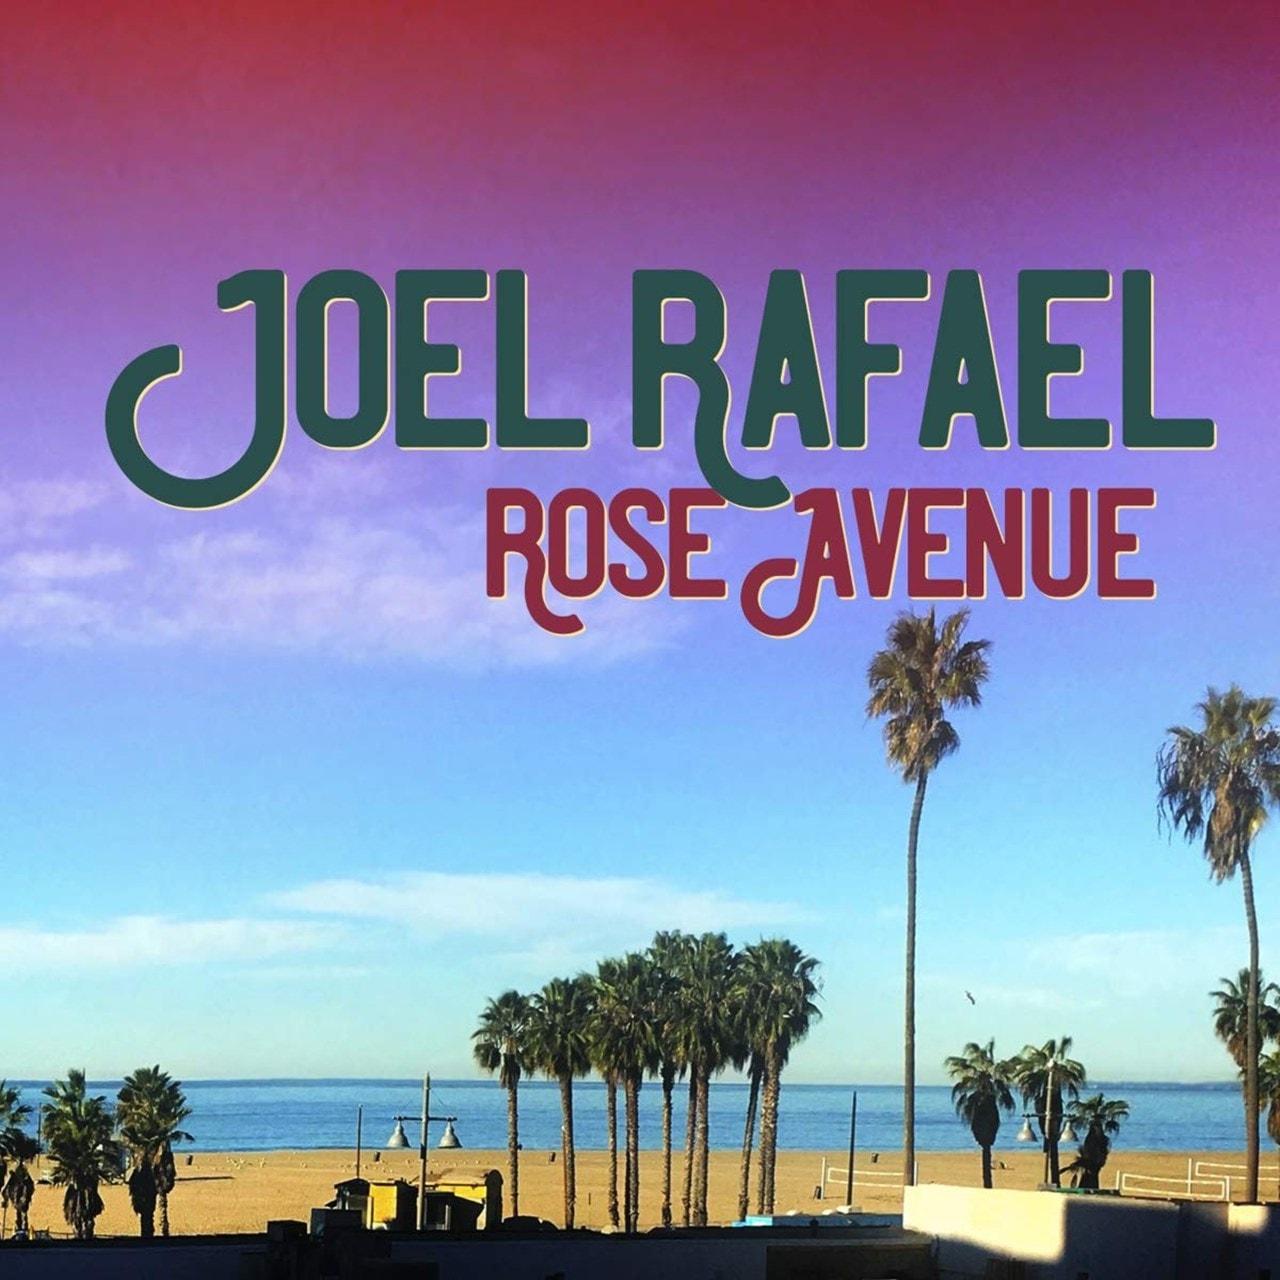 Rose Avenue - 1